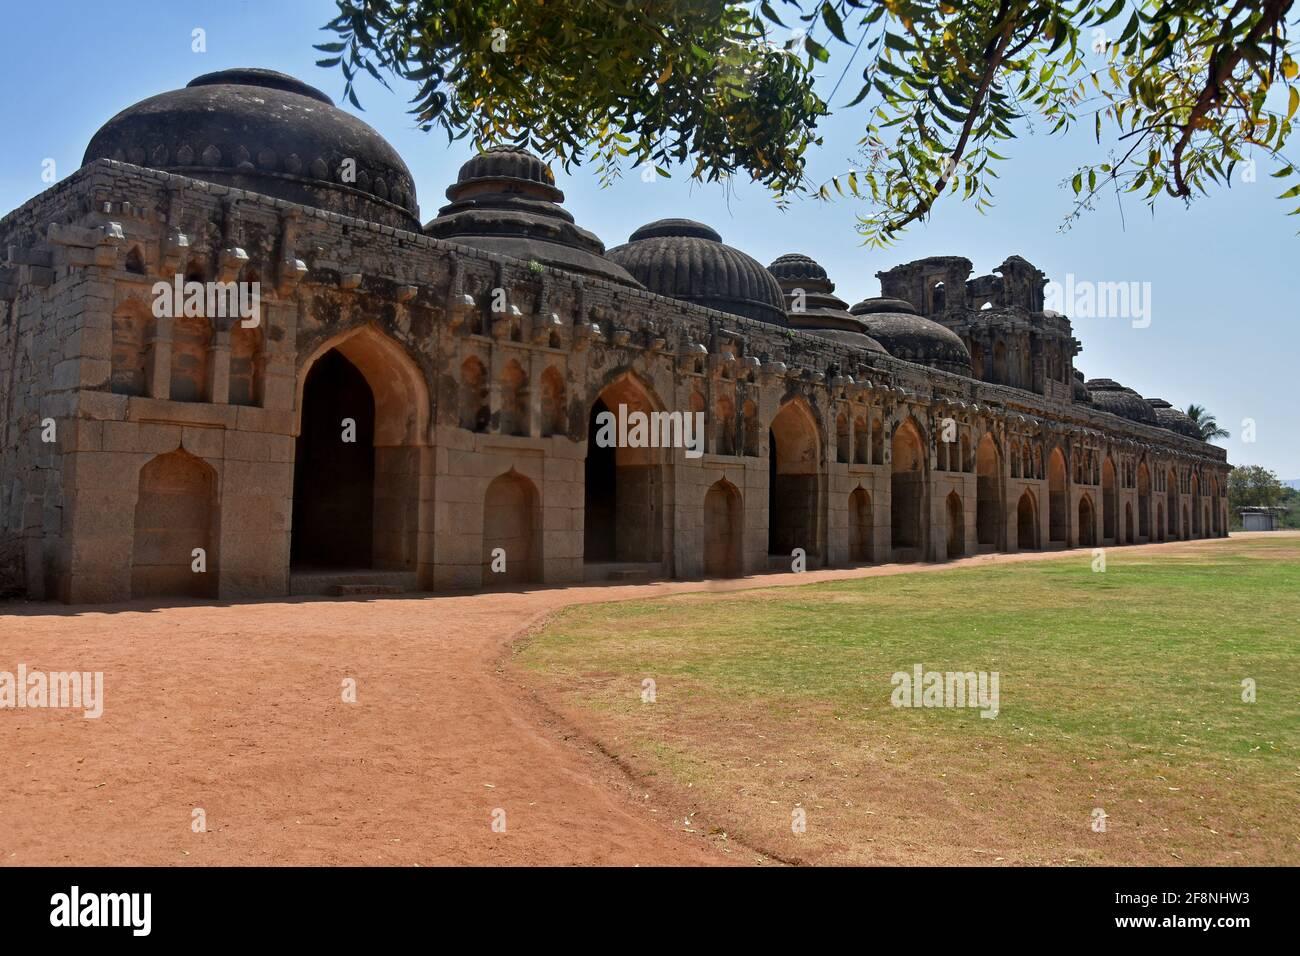 Ruines anciennes des écuries royales à Hampi du XIVe siècle Royaume de Vijayanagara l'ancienne ville de Vijayanagara, Hampi, Karnataka, Inde Banque D'Images